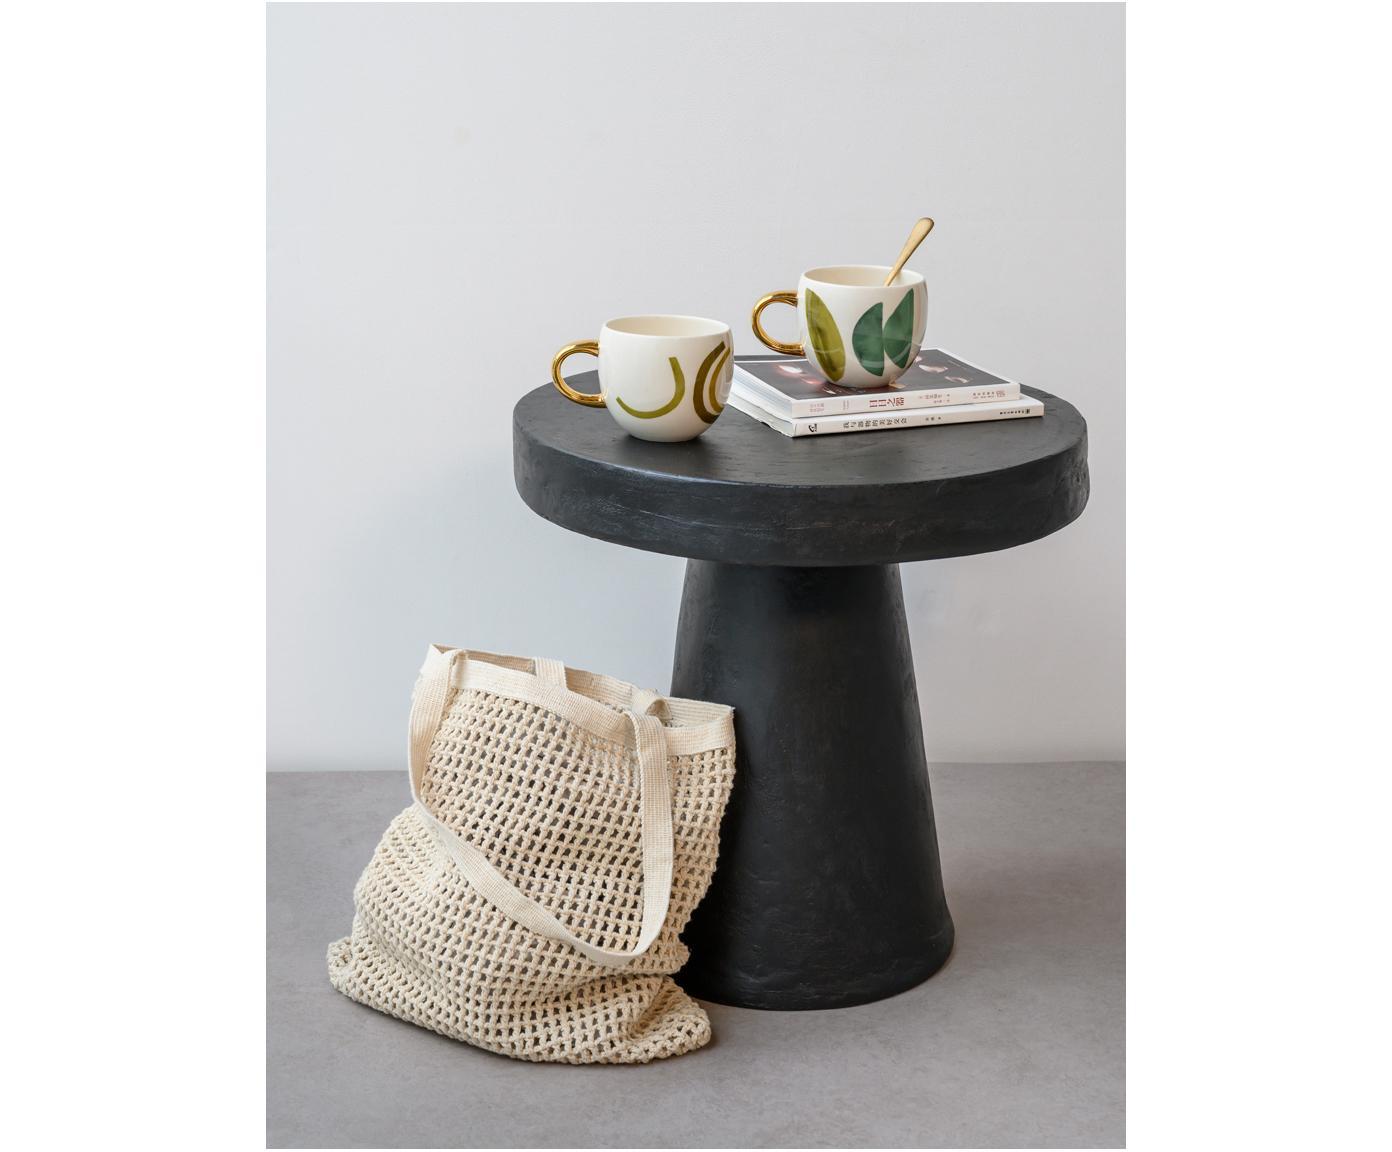 Kubek do kawy Bounce, Kamionka, Wielobarwny, Ø 11 x W 9 cm